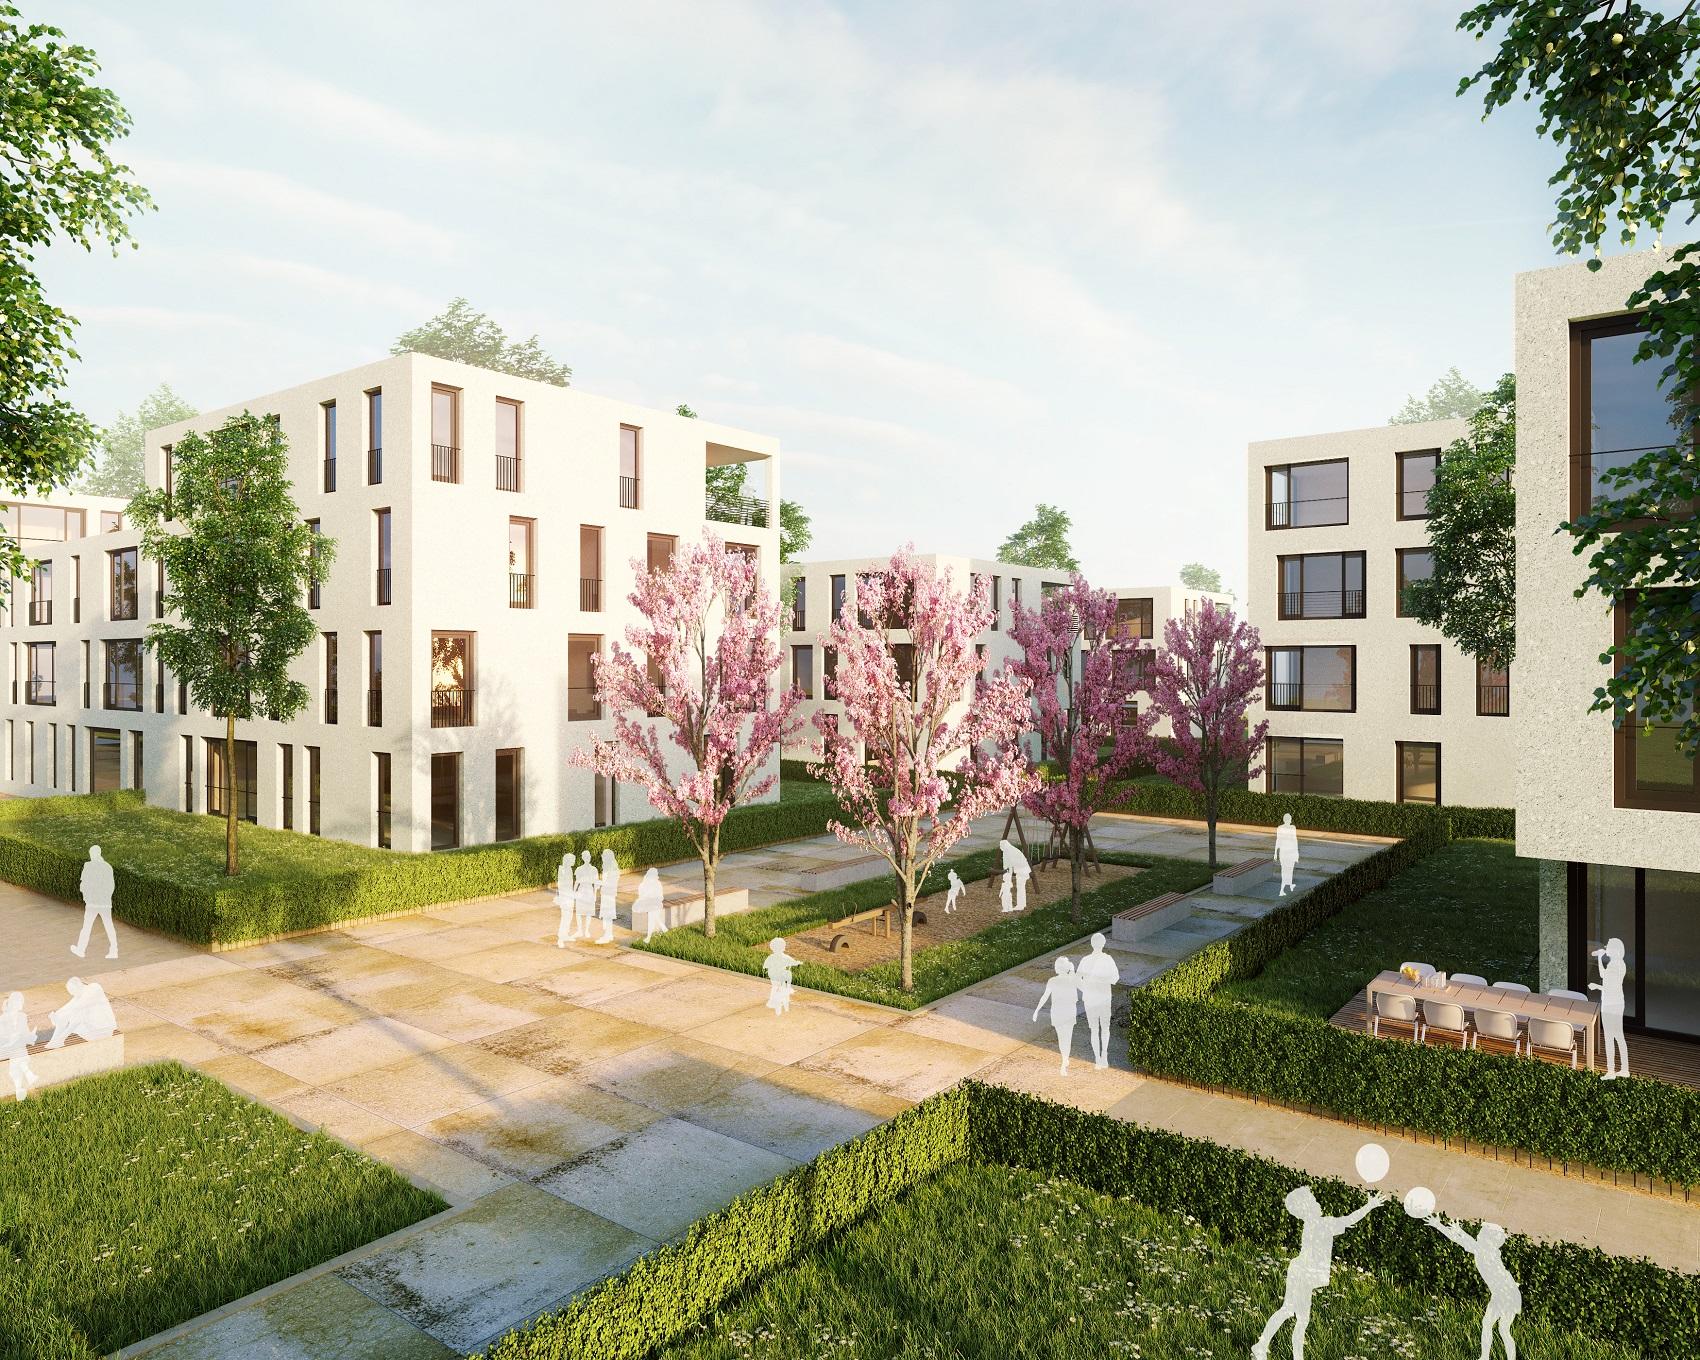 Ein großer Platz mit viel Aufenthaltsqualität zeichnet das geplante Quartier auf dem Leibfried-Areal aus.